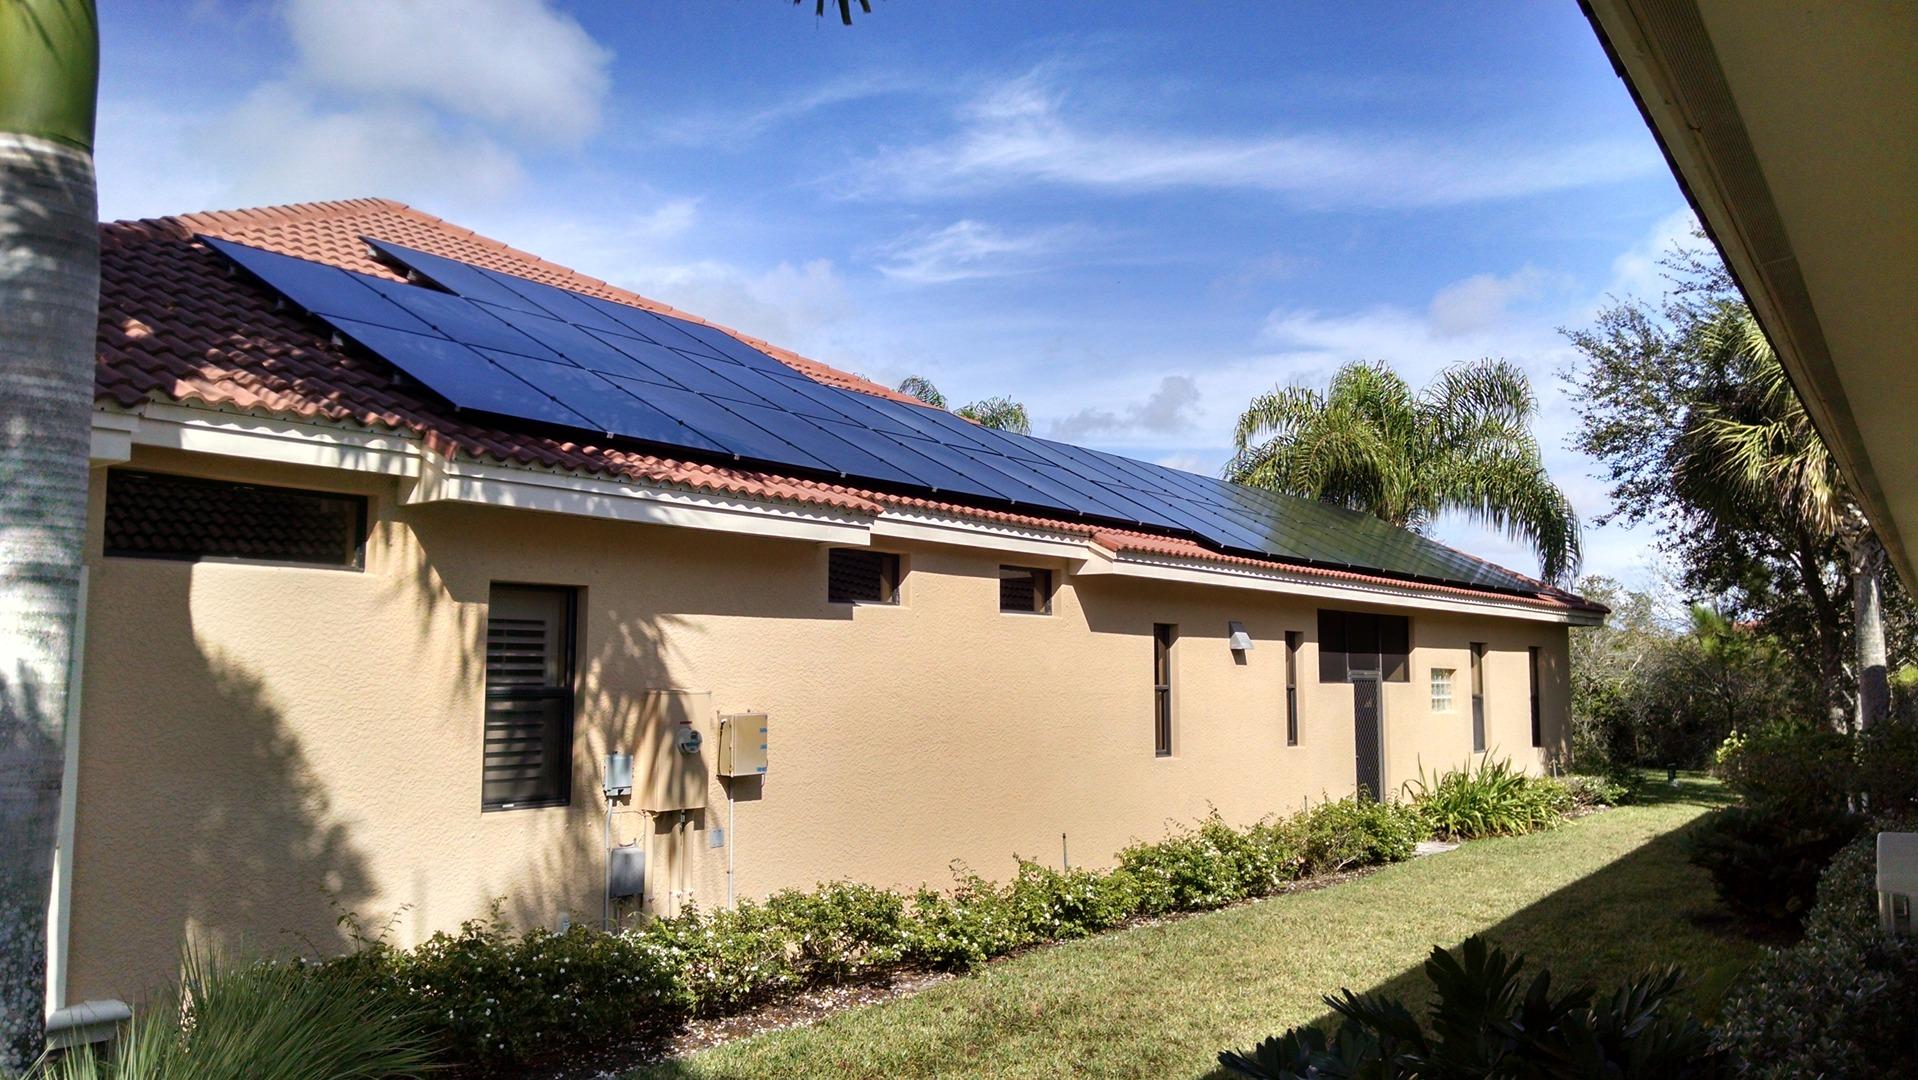 Solar Power Systems on